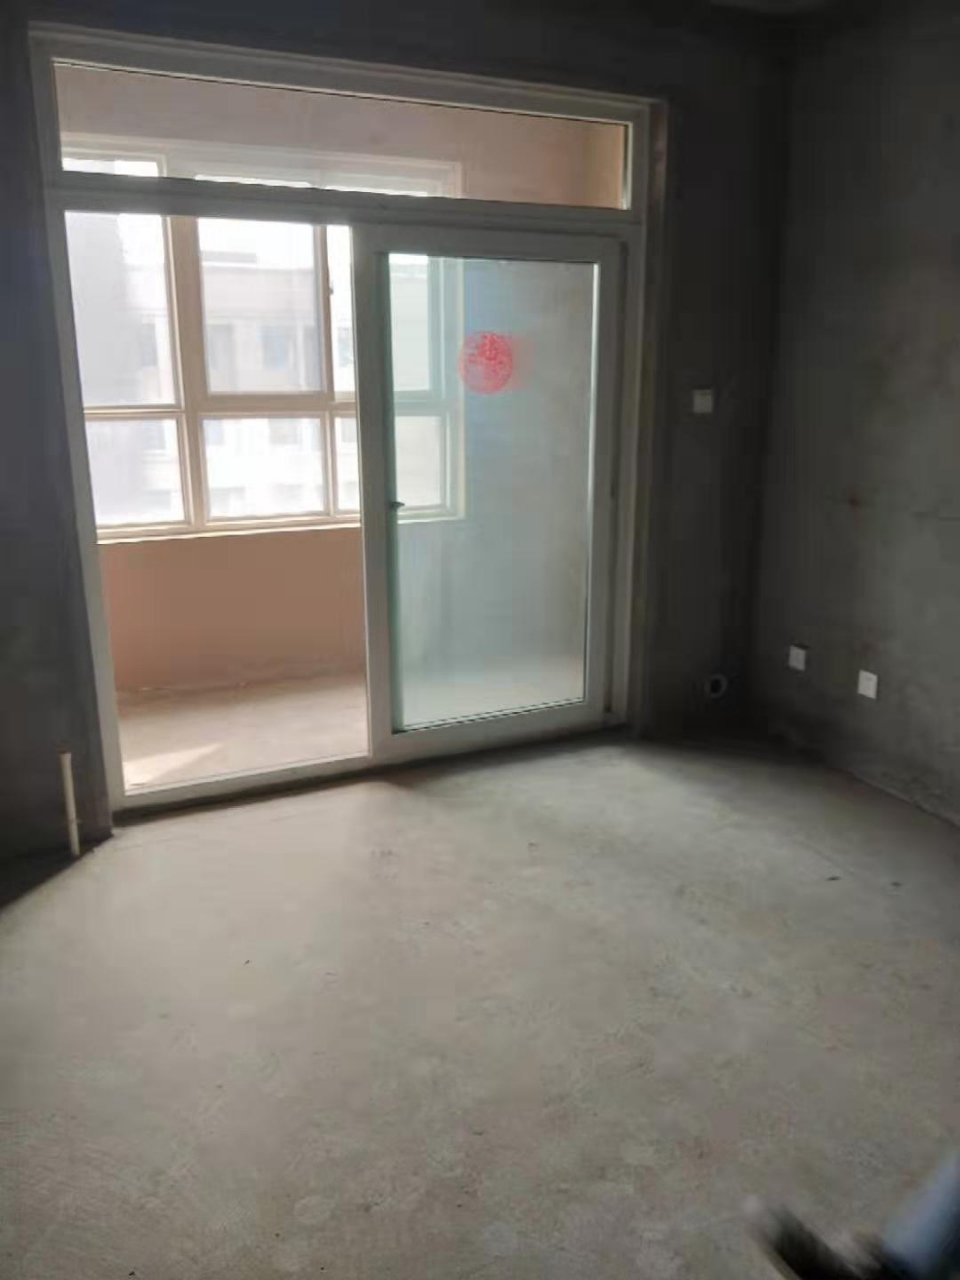 绿都褐石街区2室2厅1卫85万元